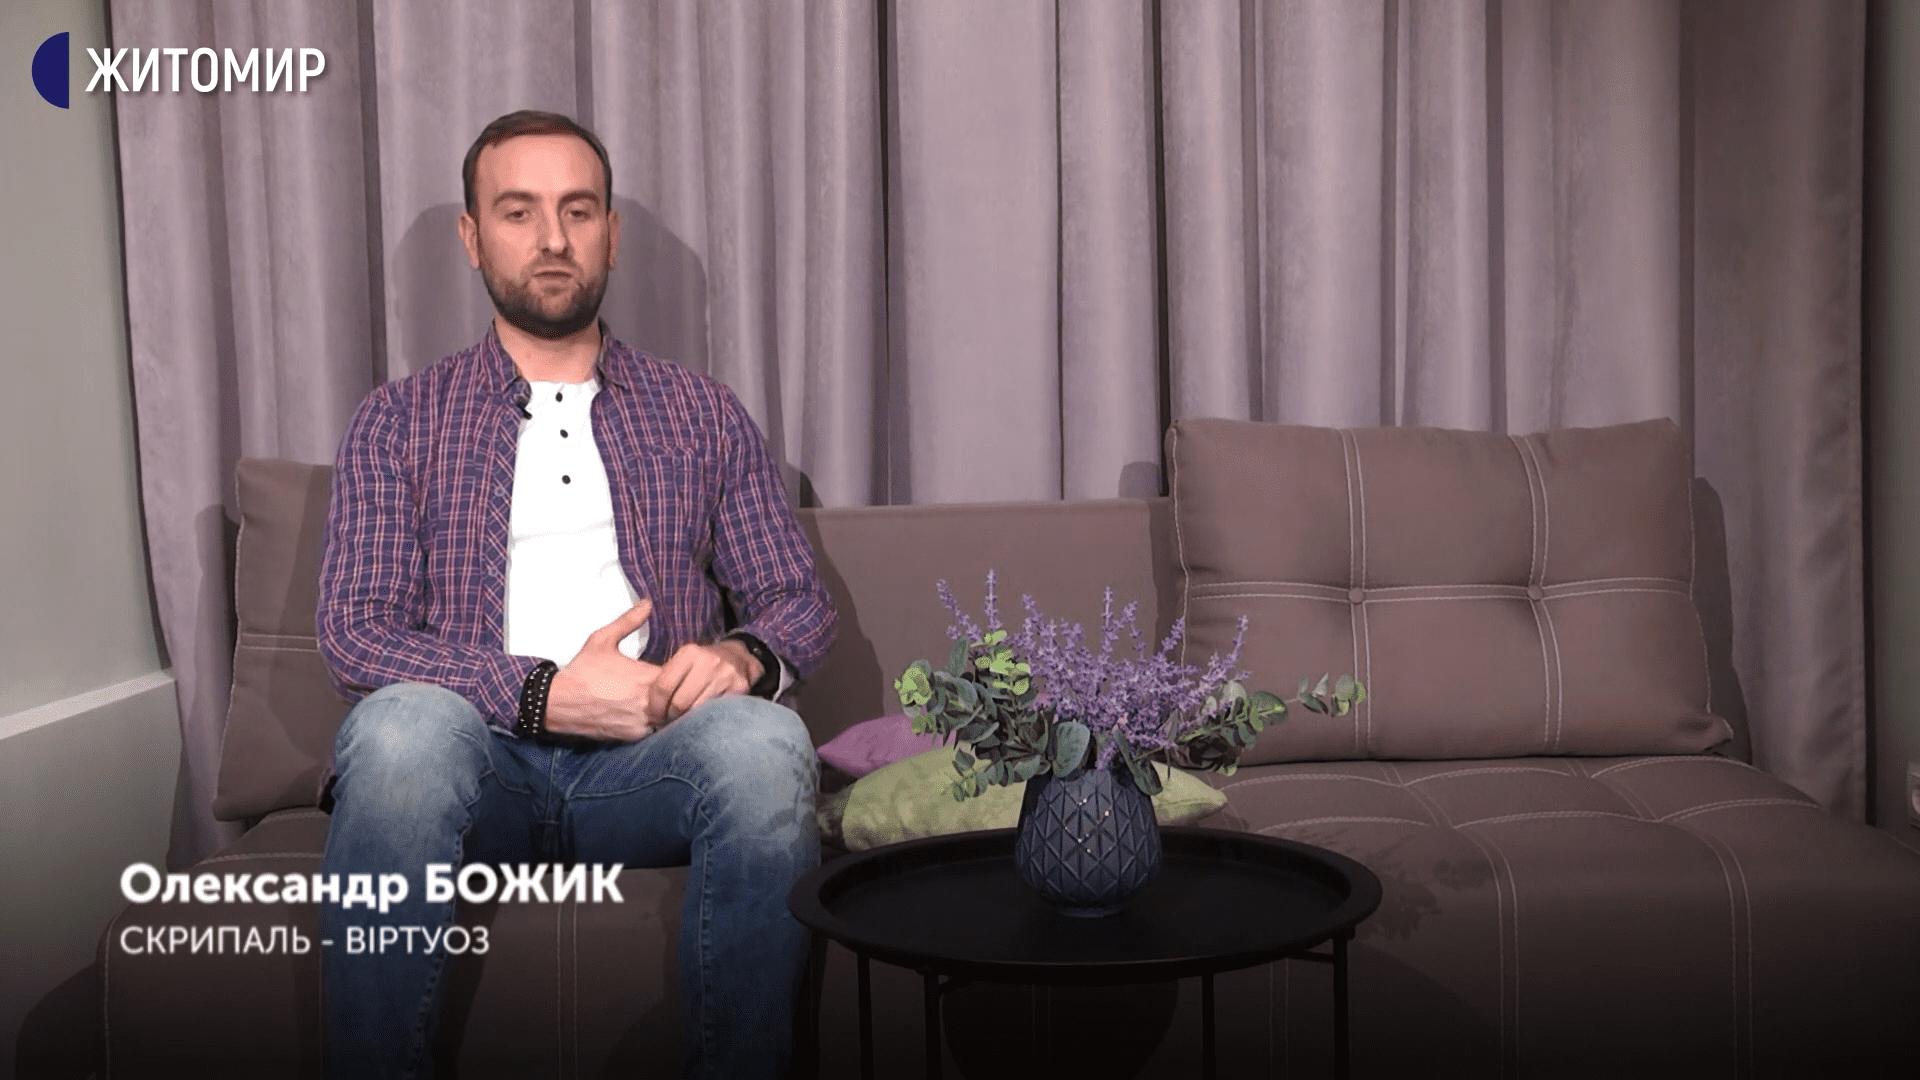 Скрипаль - віртуоз Олександр Божик